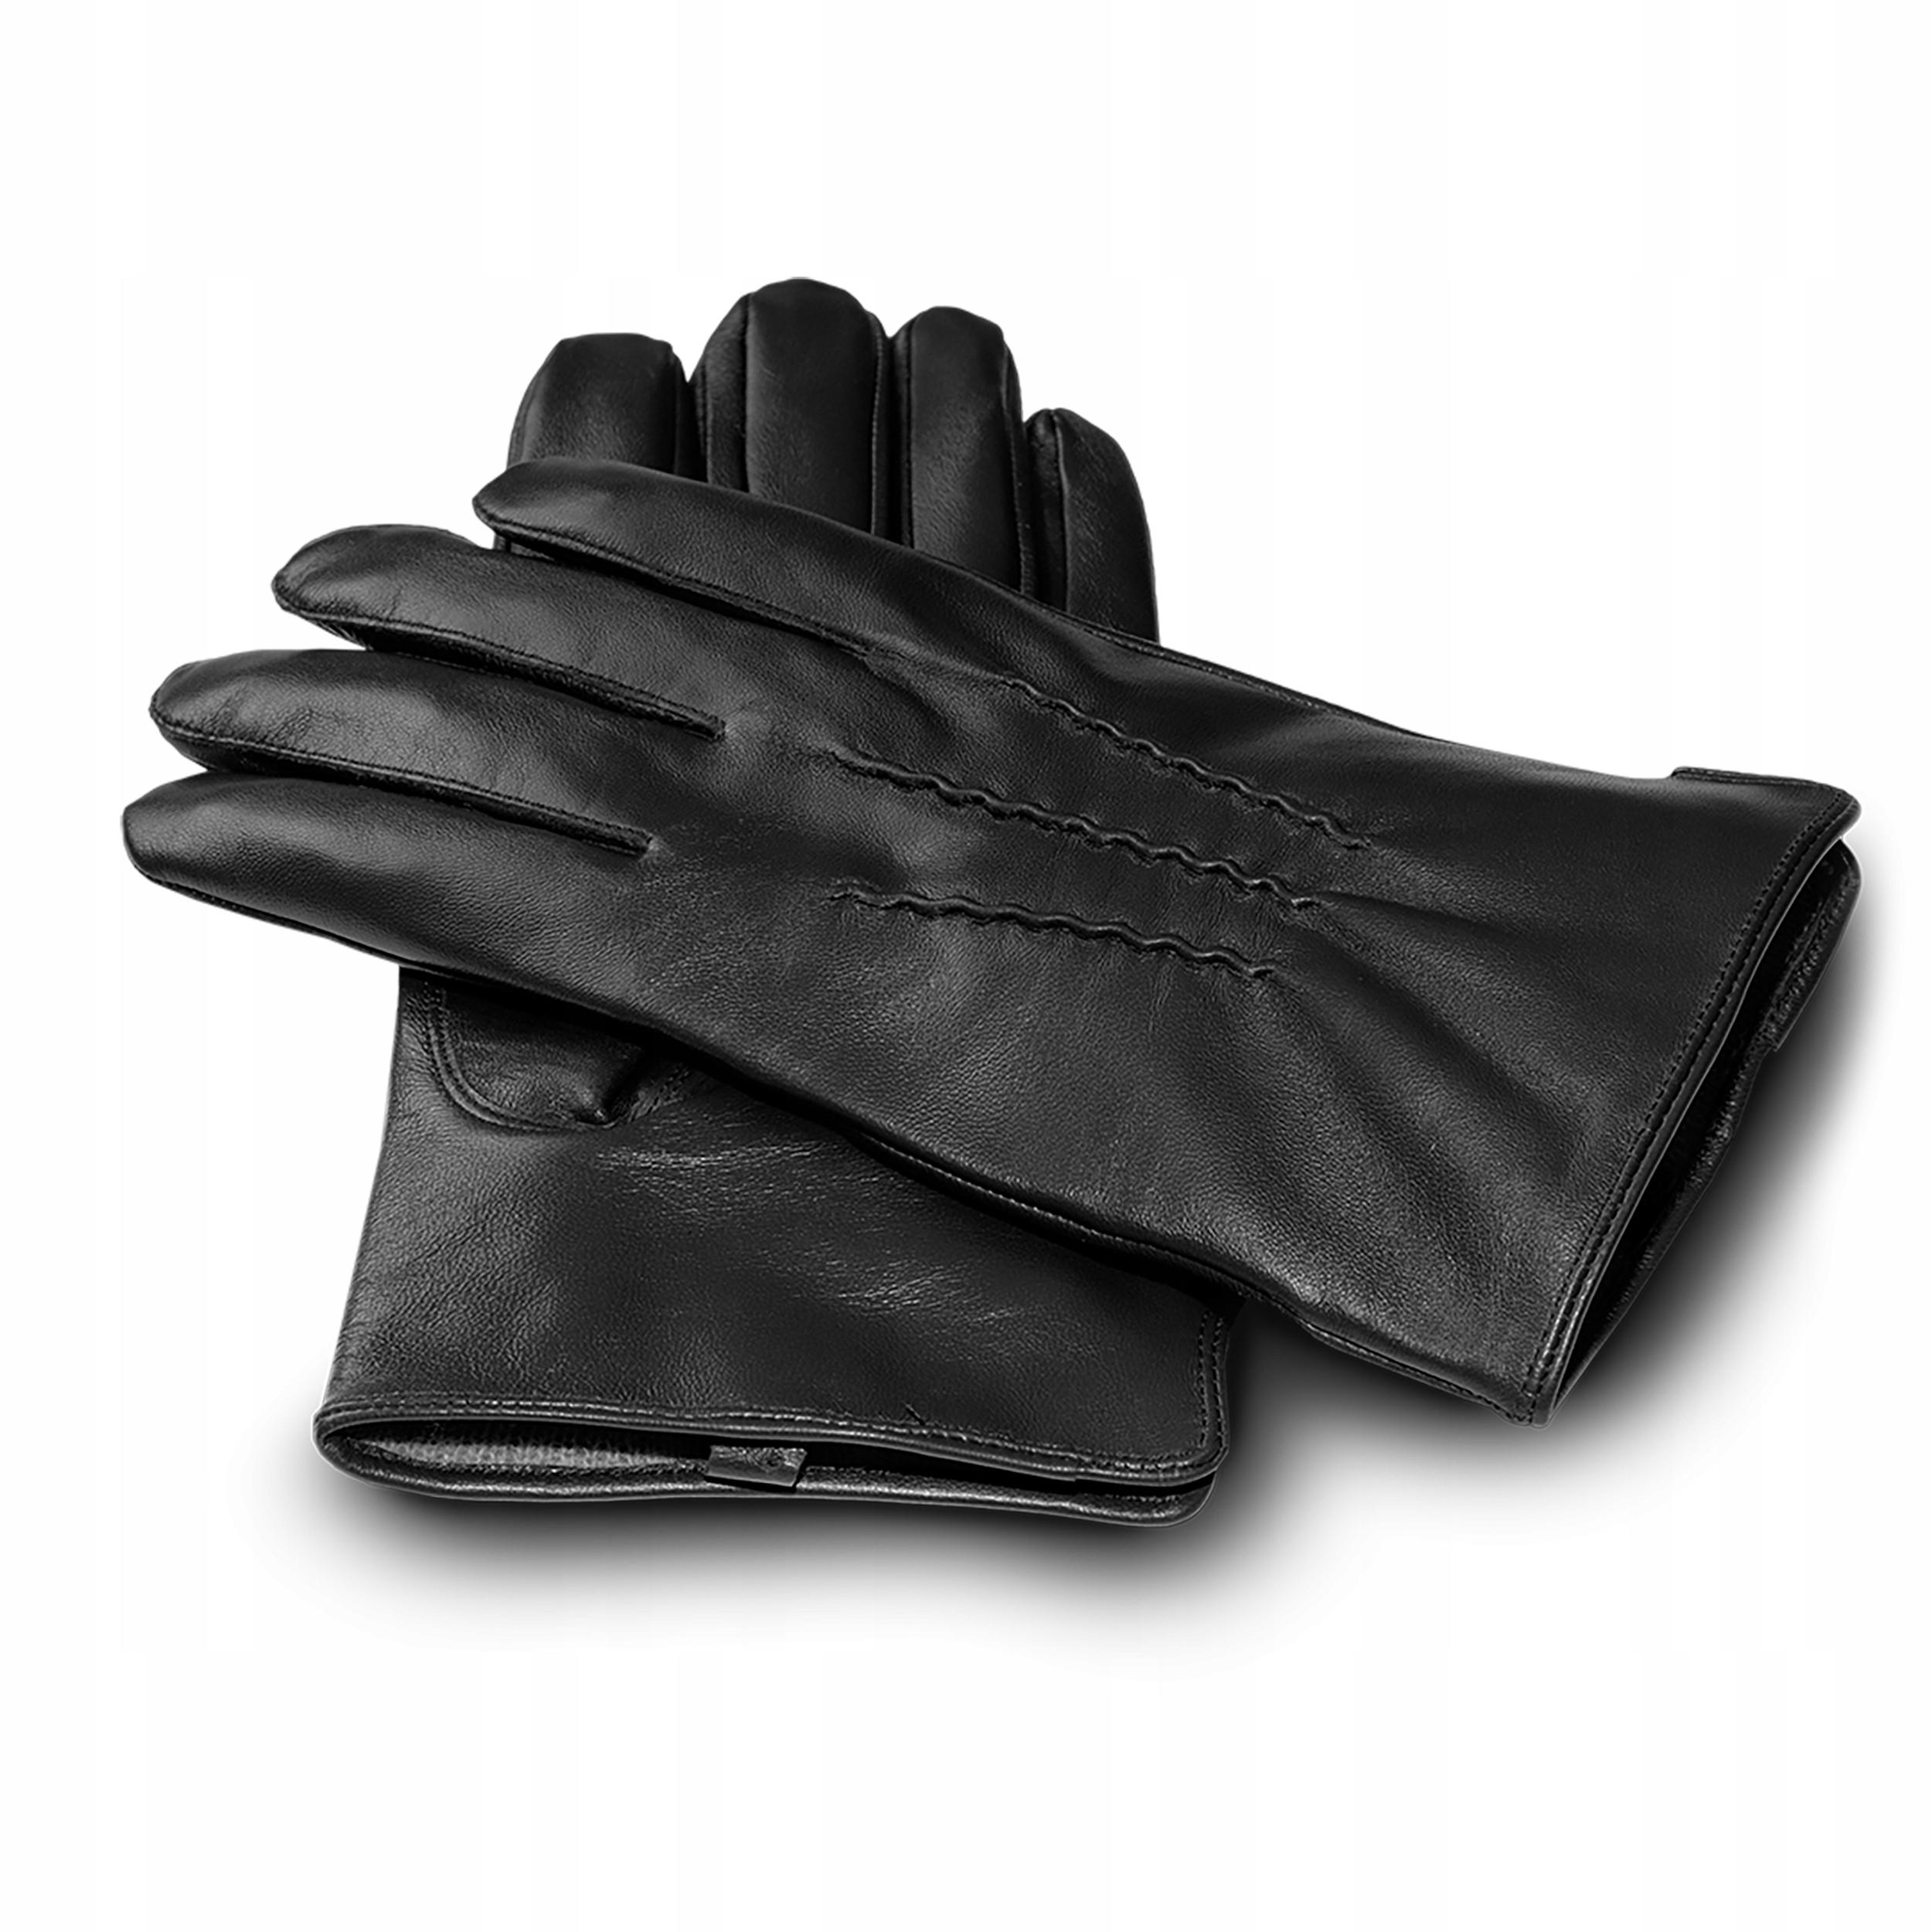 Rękawiczki skórzane męskie dotykowe zimowe czarne